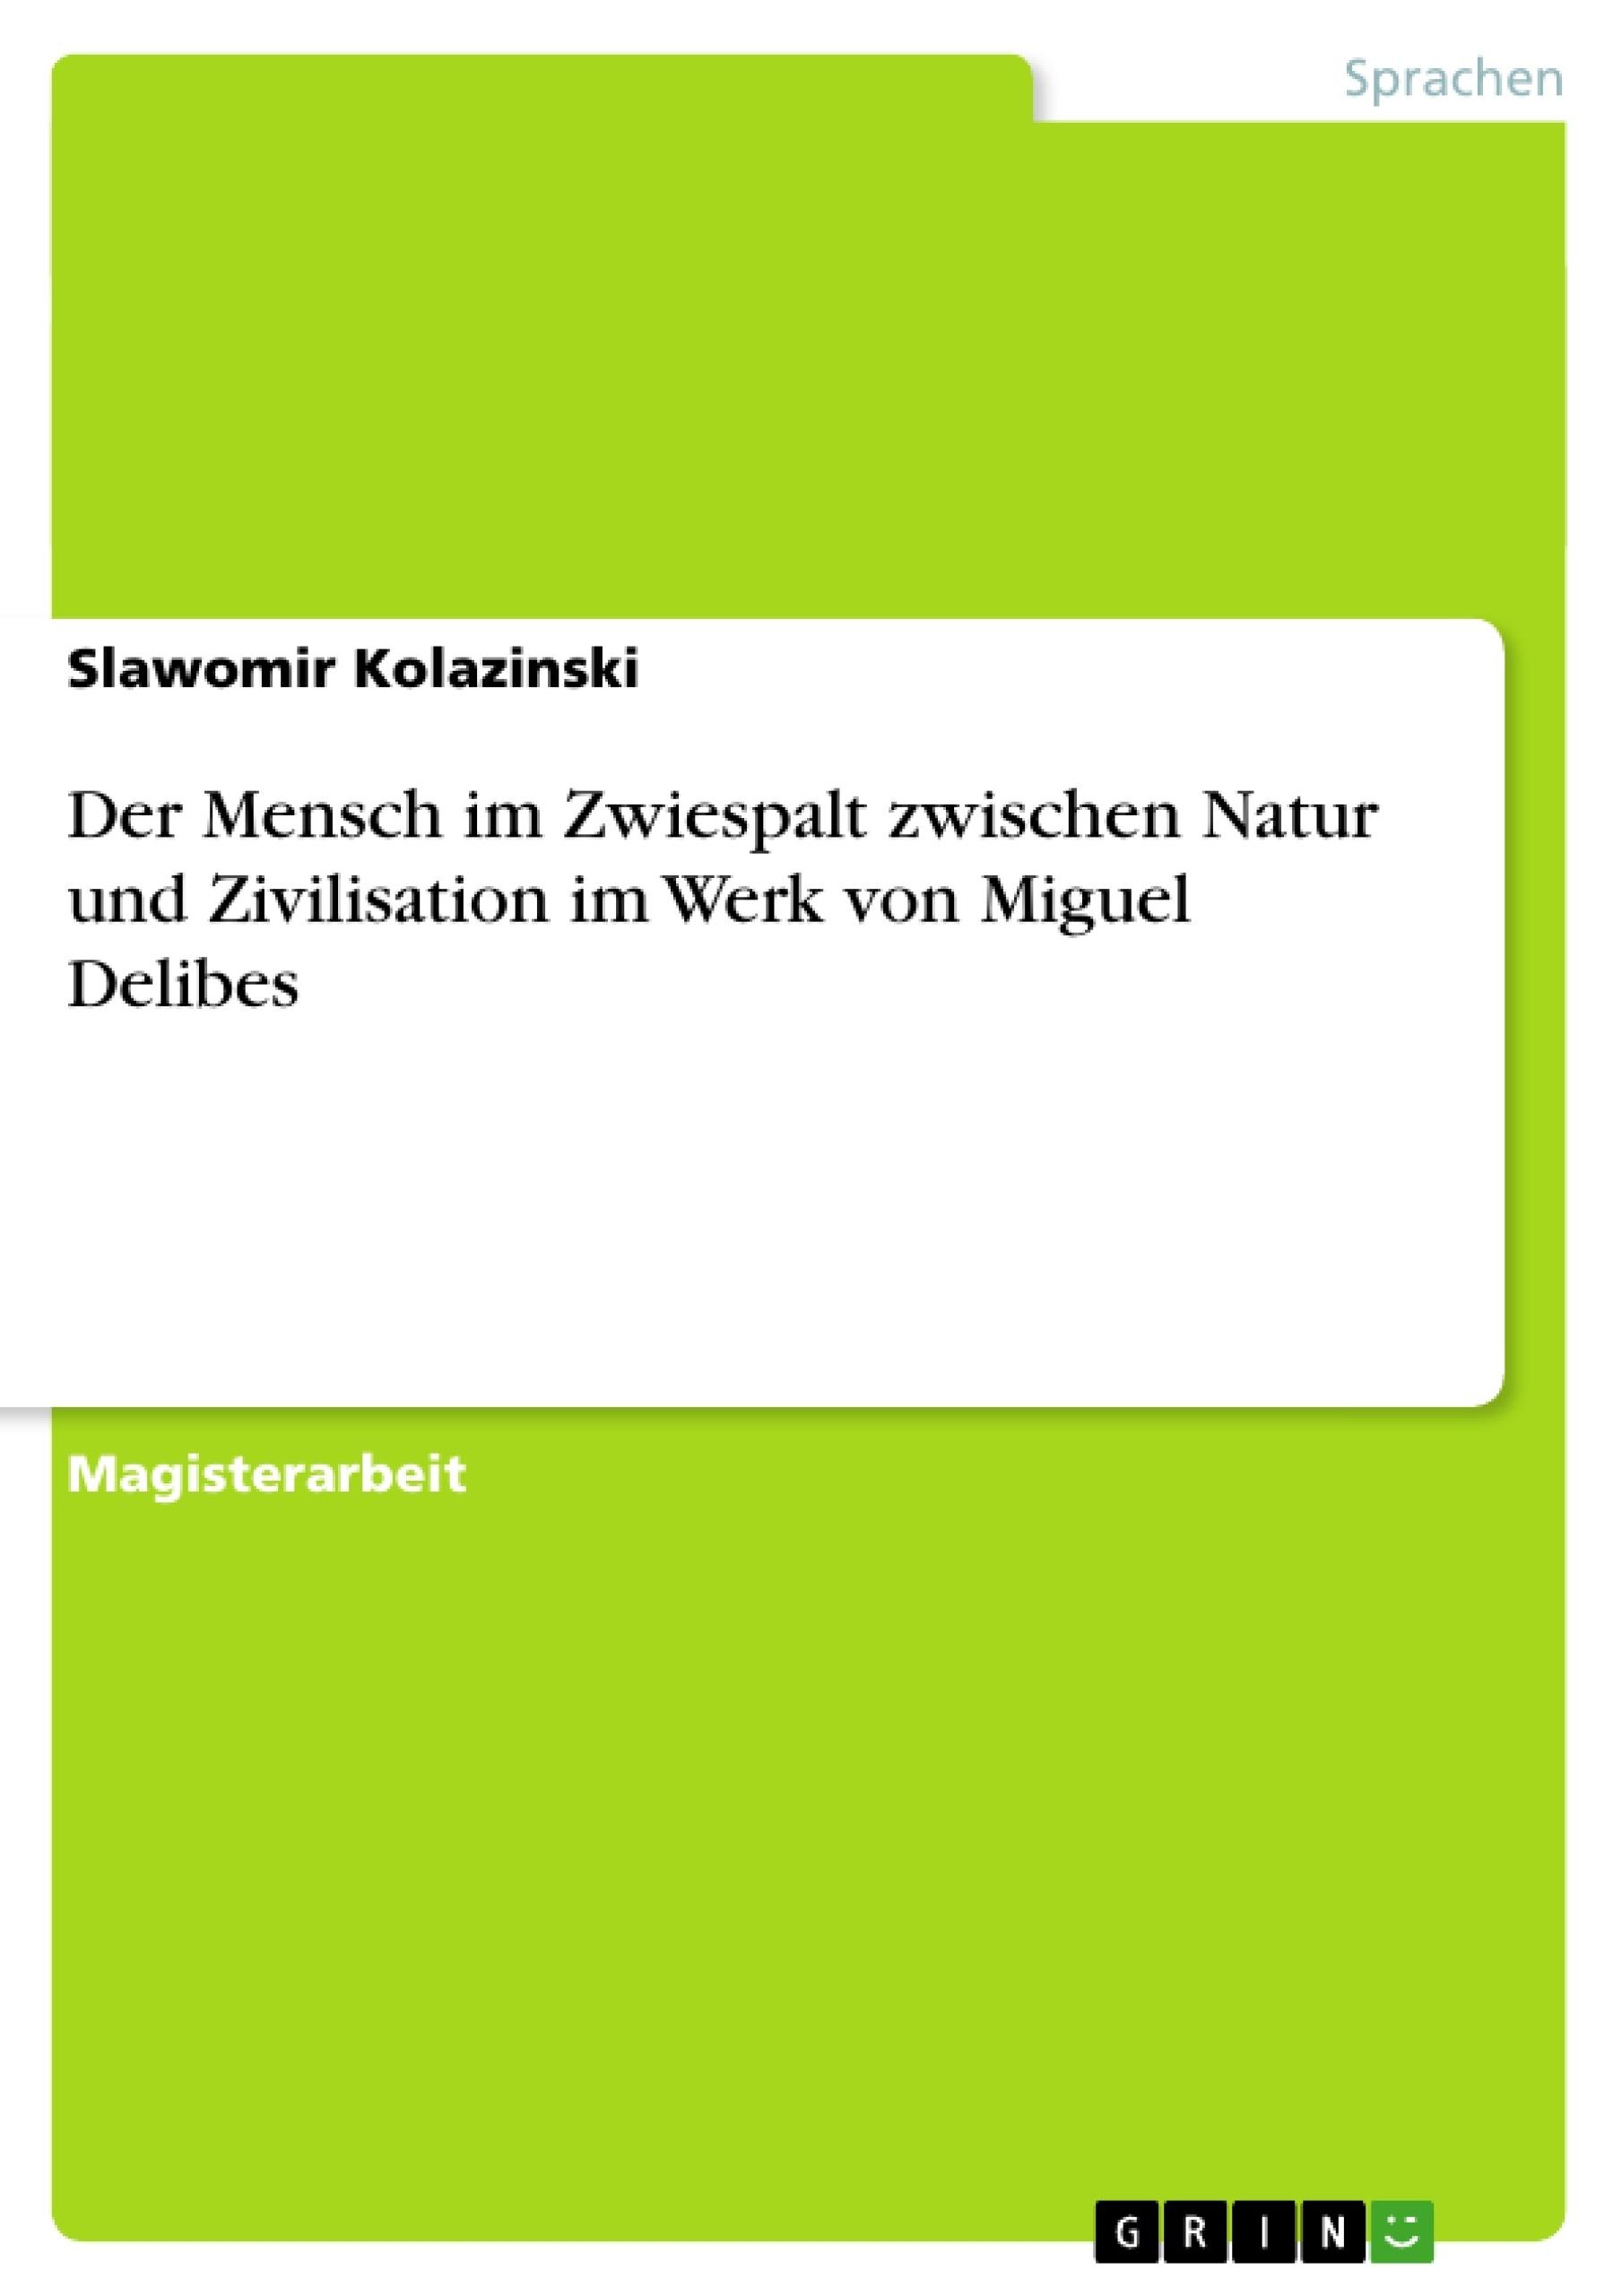 Titel: Der Mensch im Zwiespalt zwischen Natur und Zivilisation im Werk von Miguel Delibes